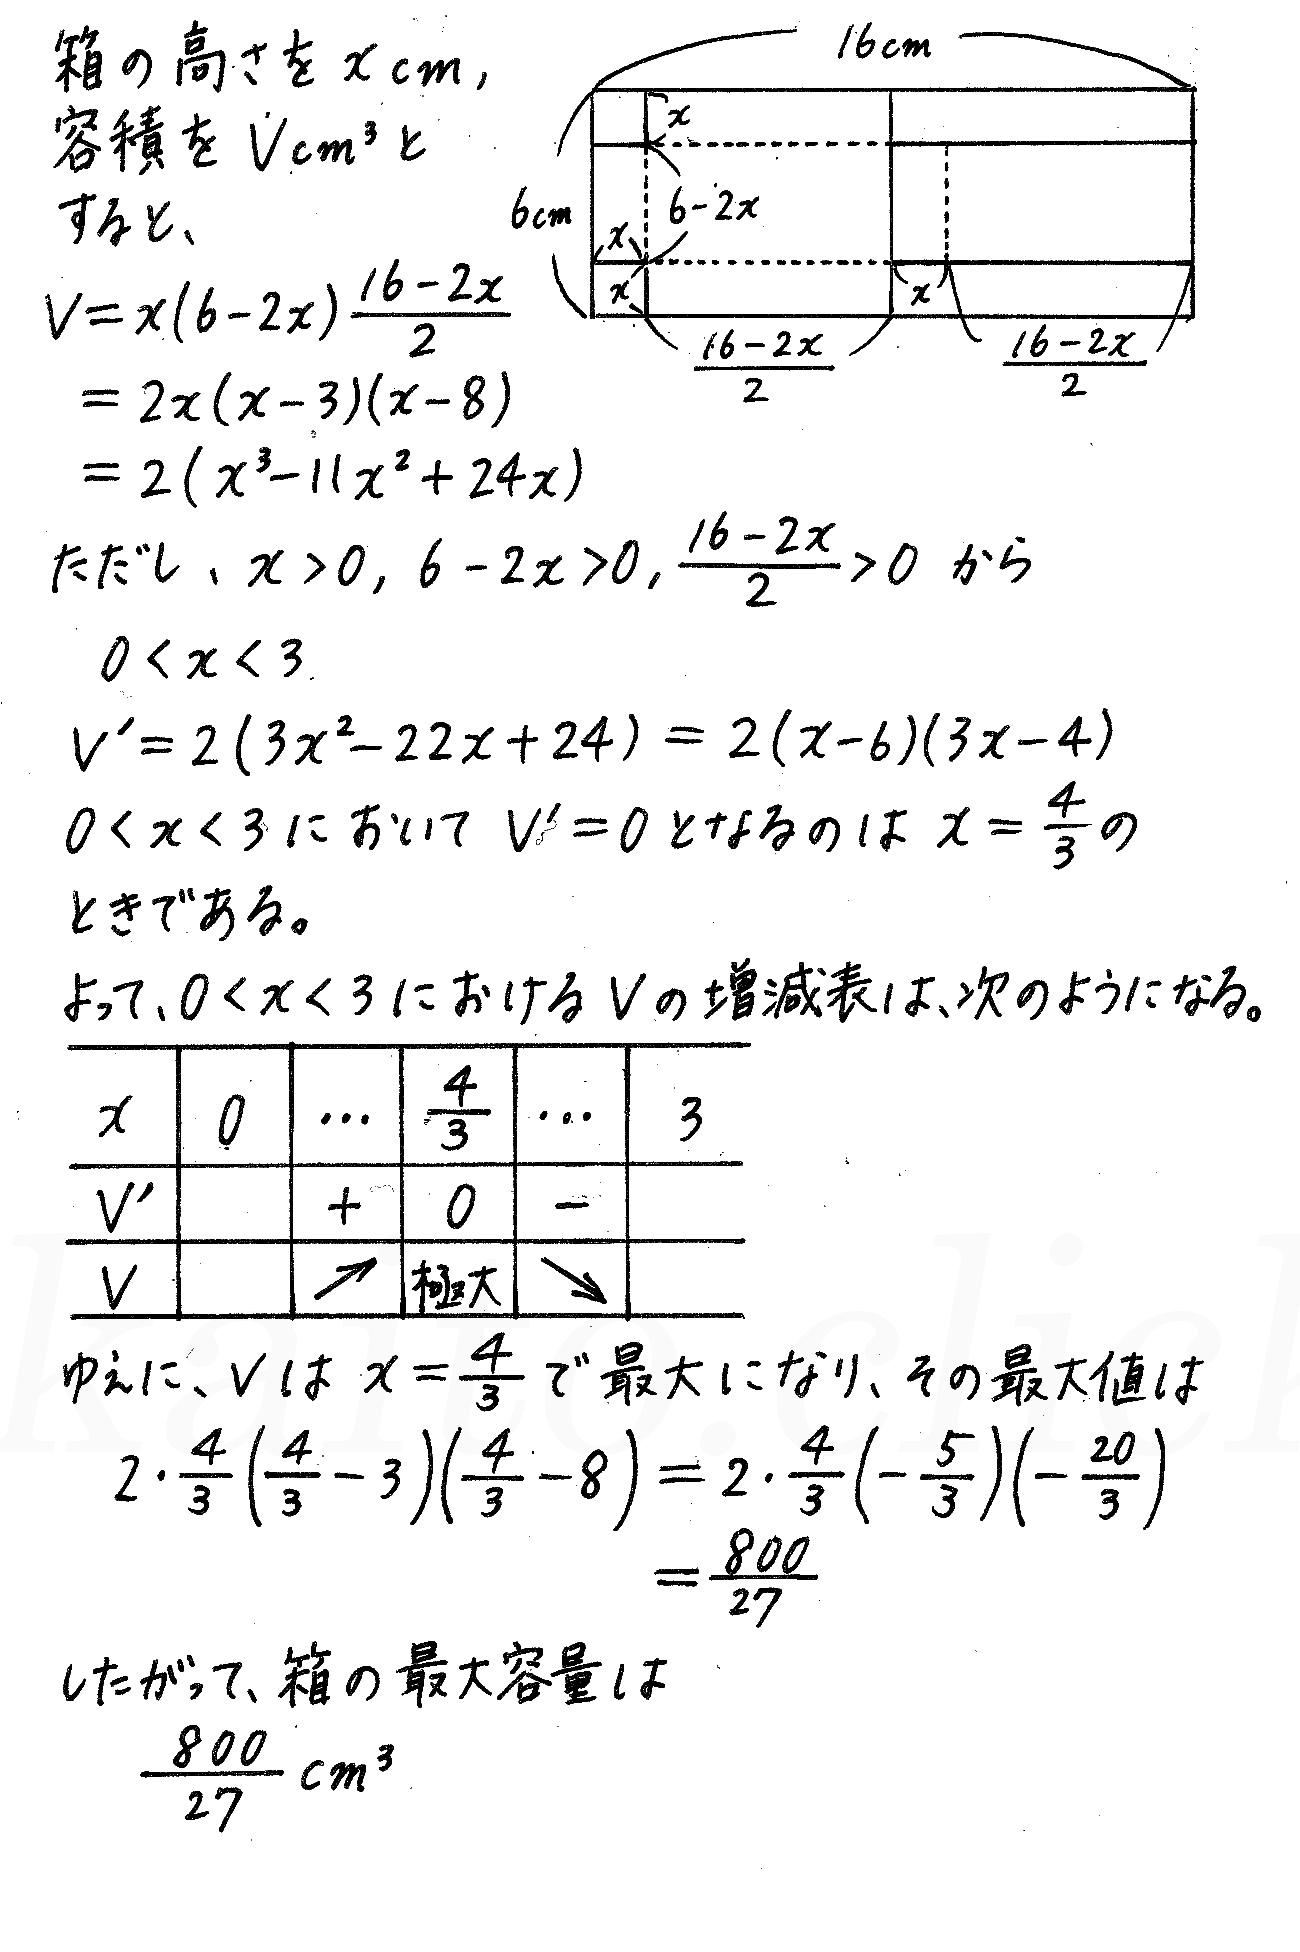 4STEP数学2-437解答